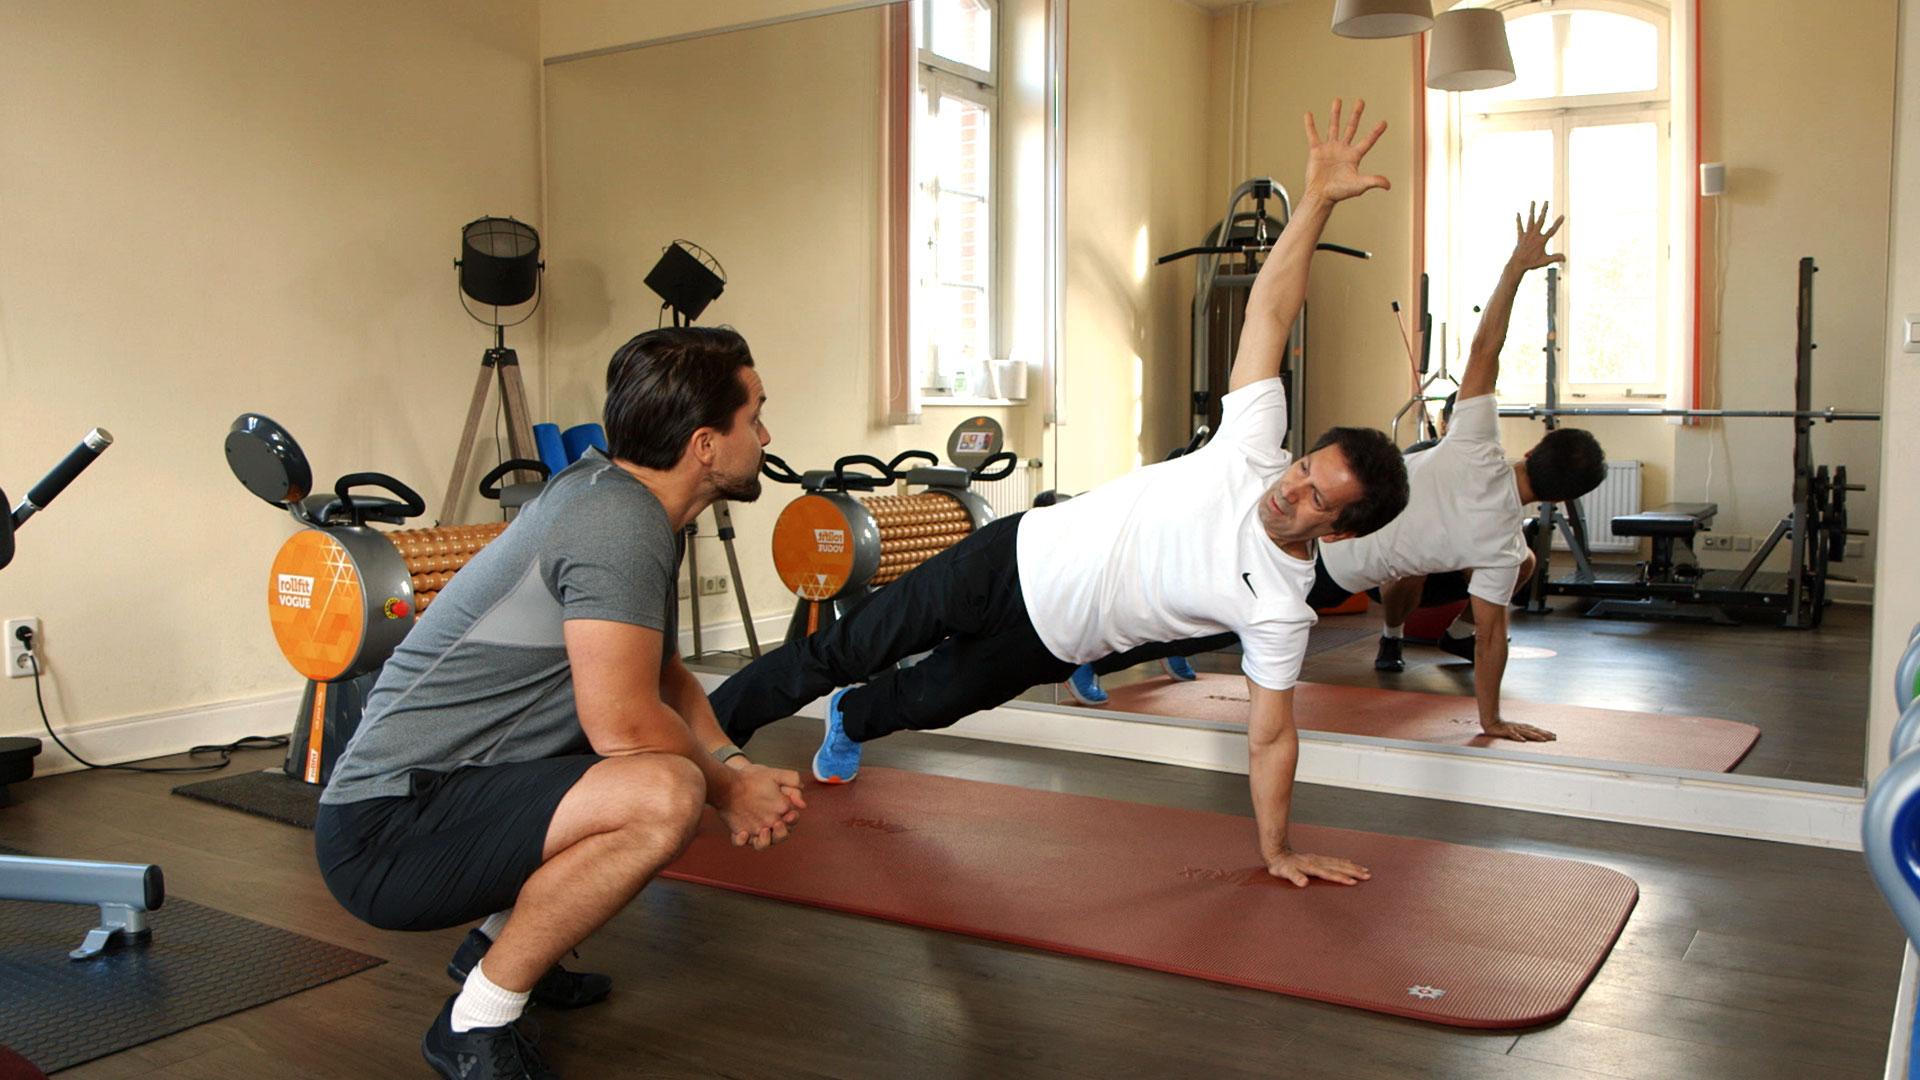 2-sirous-macht-gymnastik-im-einzeltraining